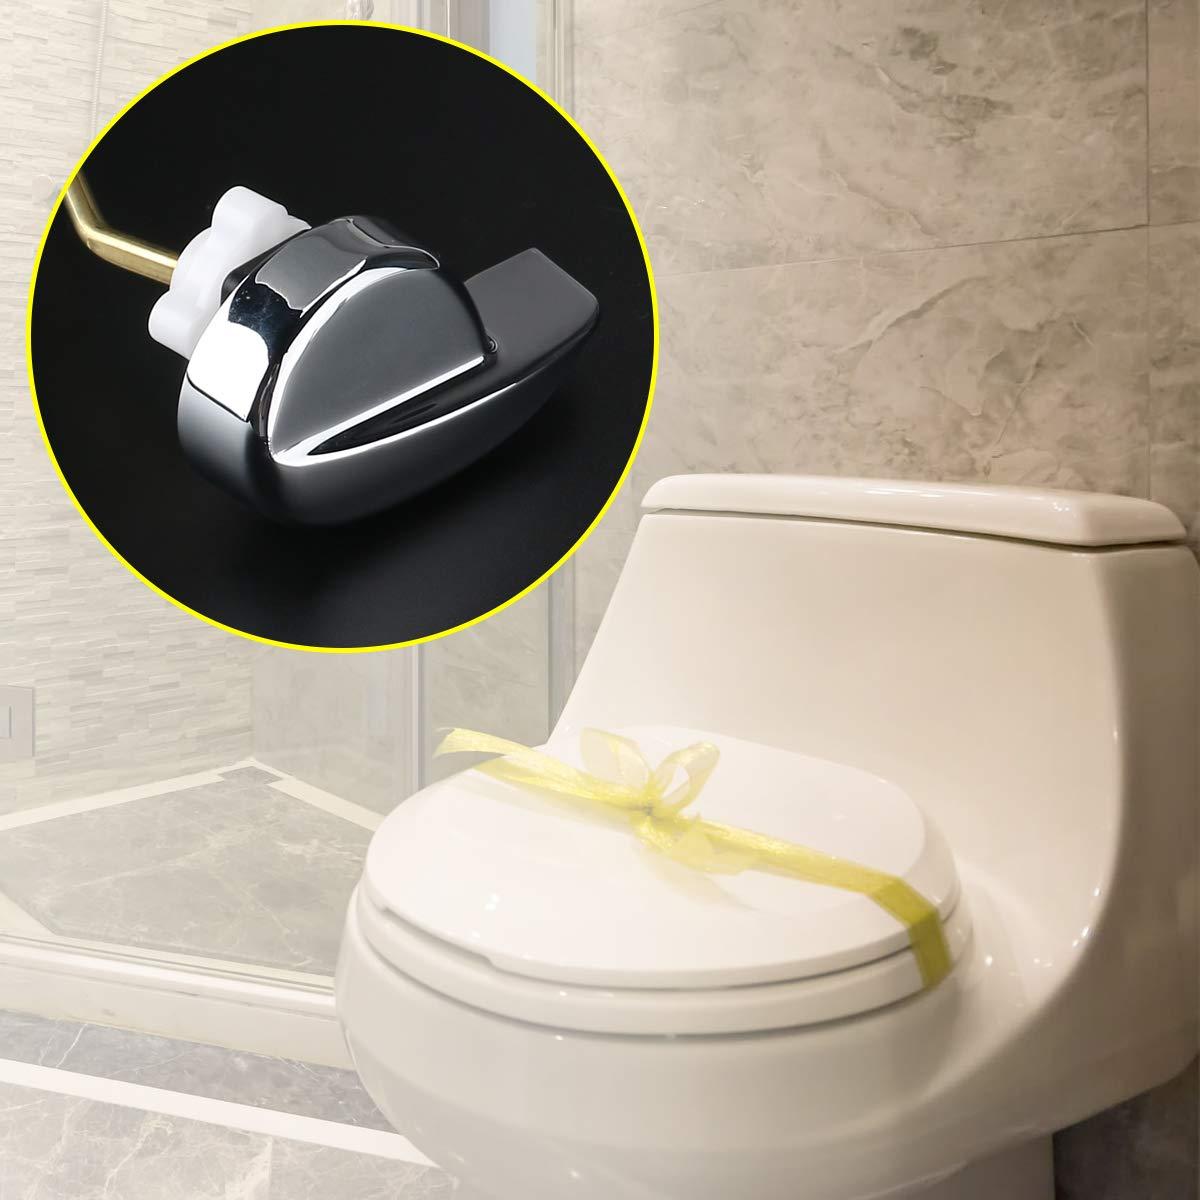 OULII Side Mount Toilet flush Lever Handle for TOTO Kohler Toilet ...